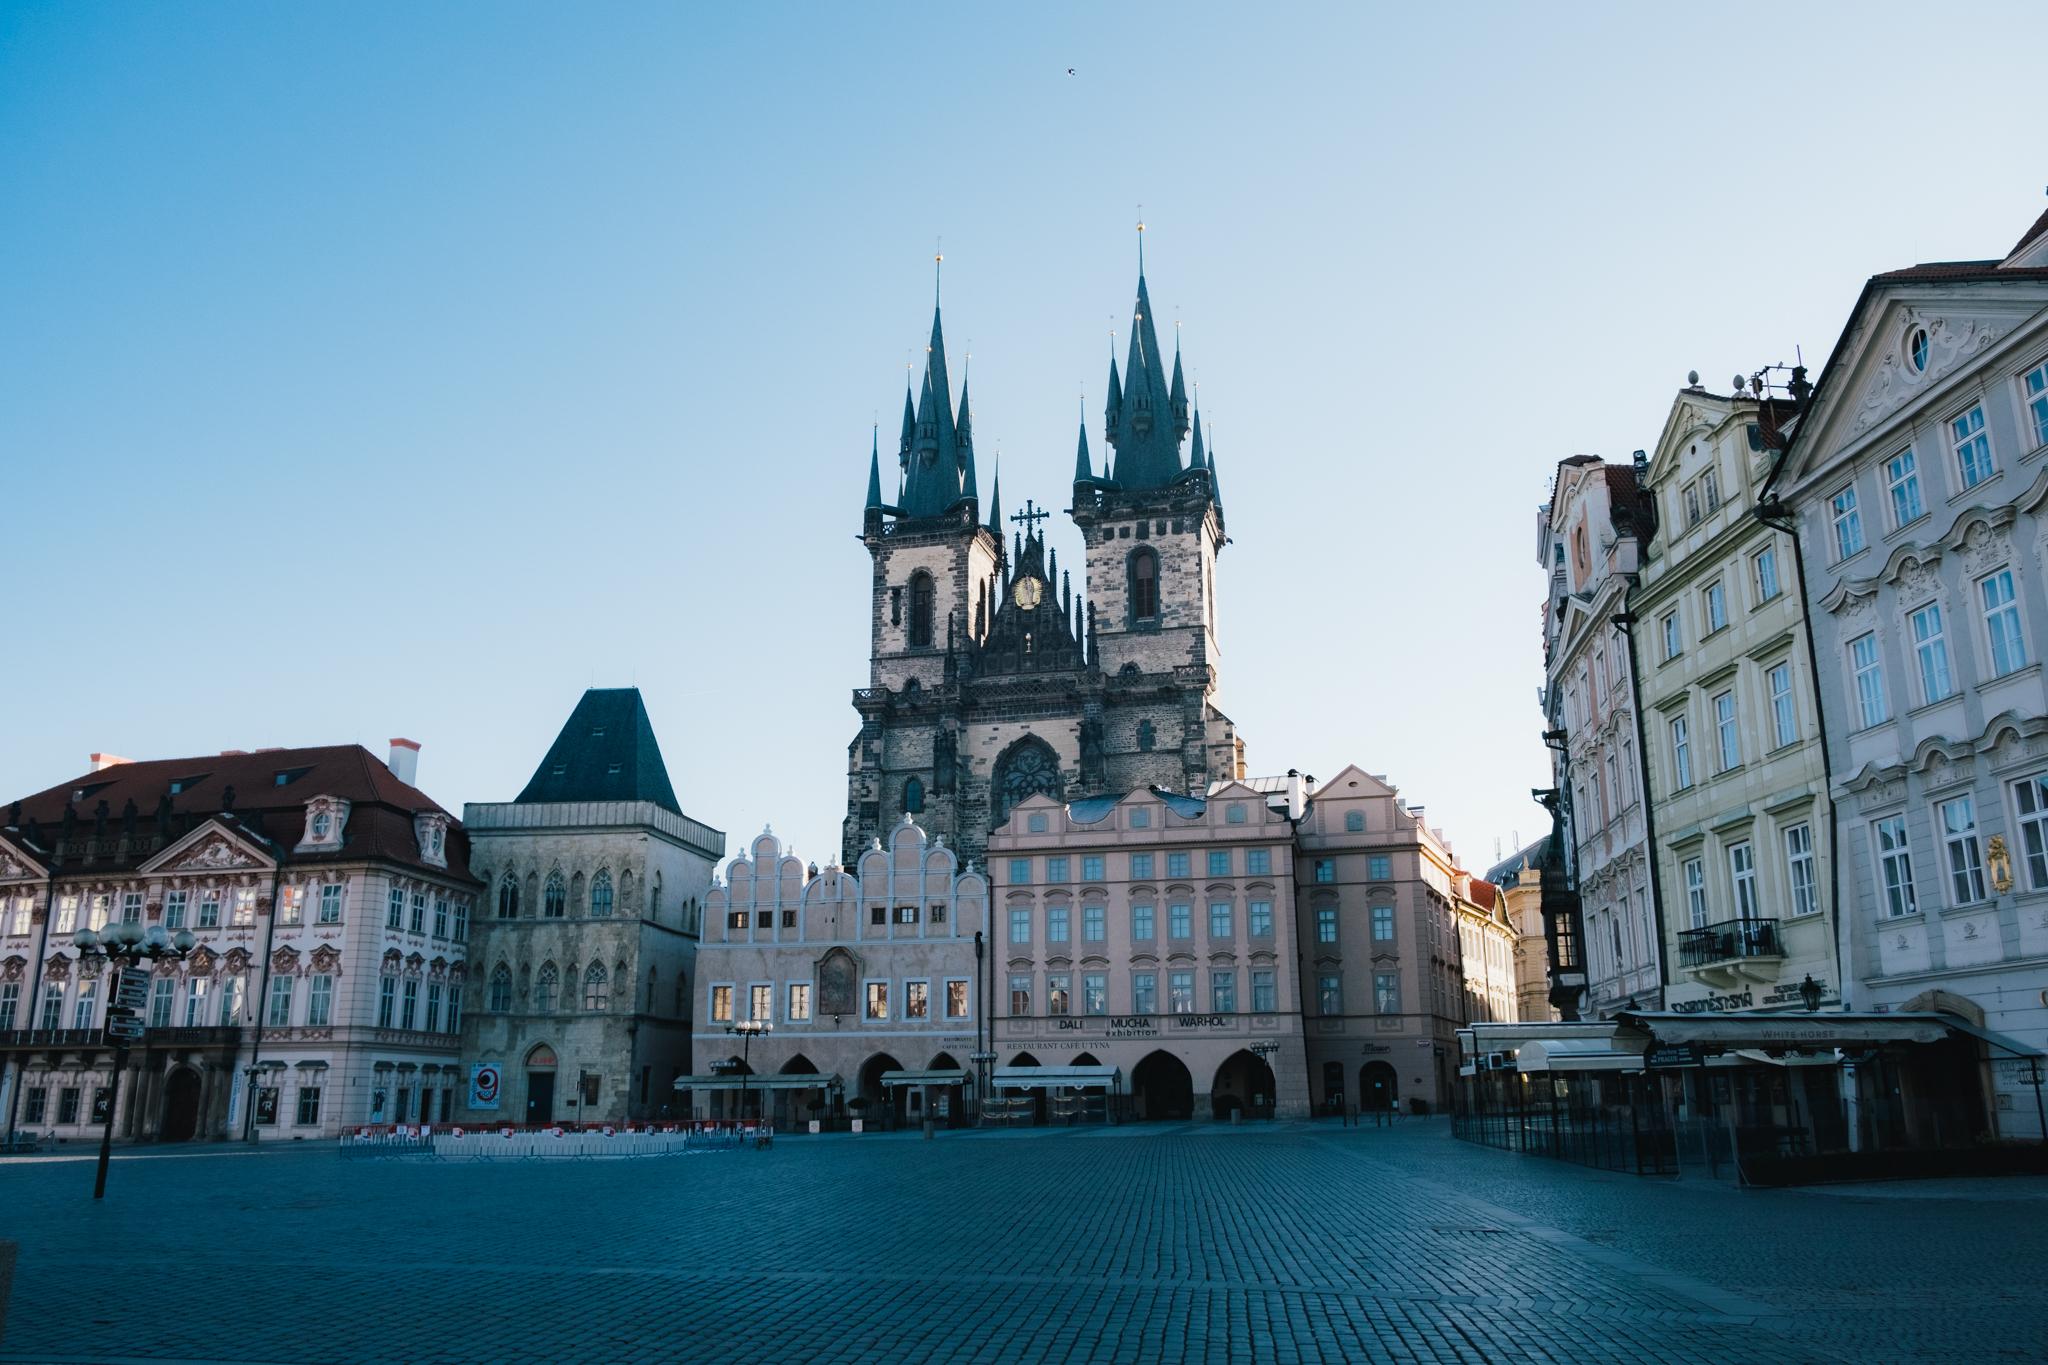 Old Town Square (Staroměstské náměstí) Without People